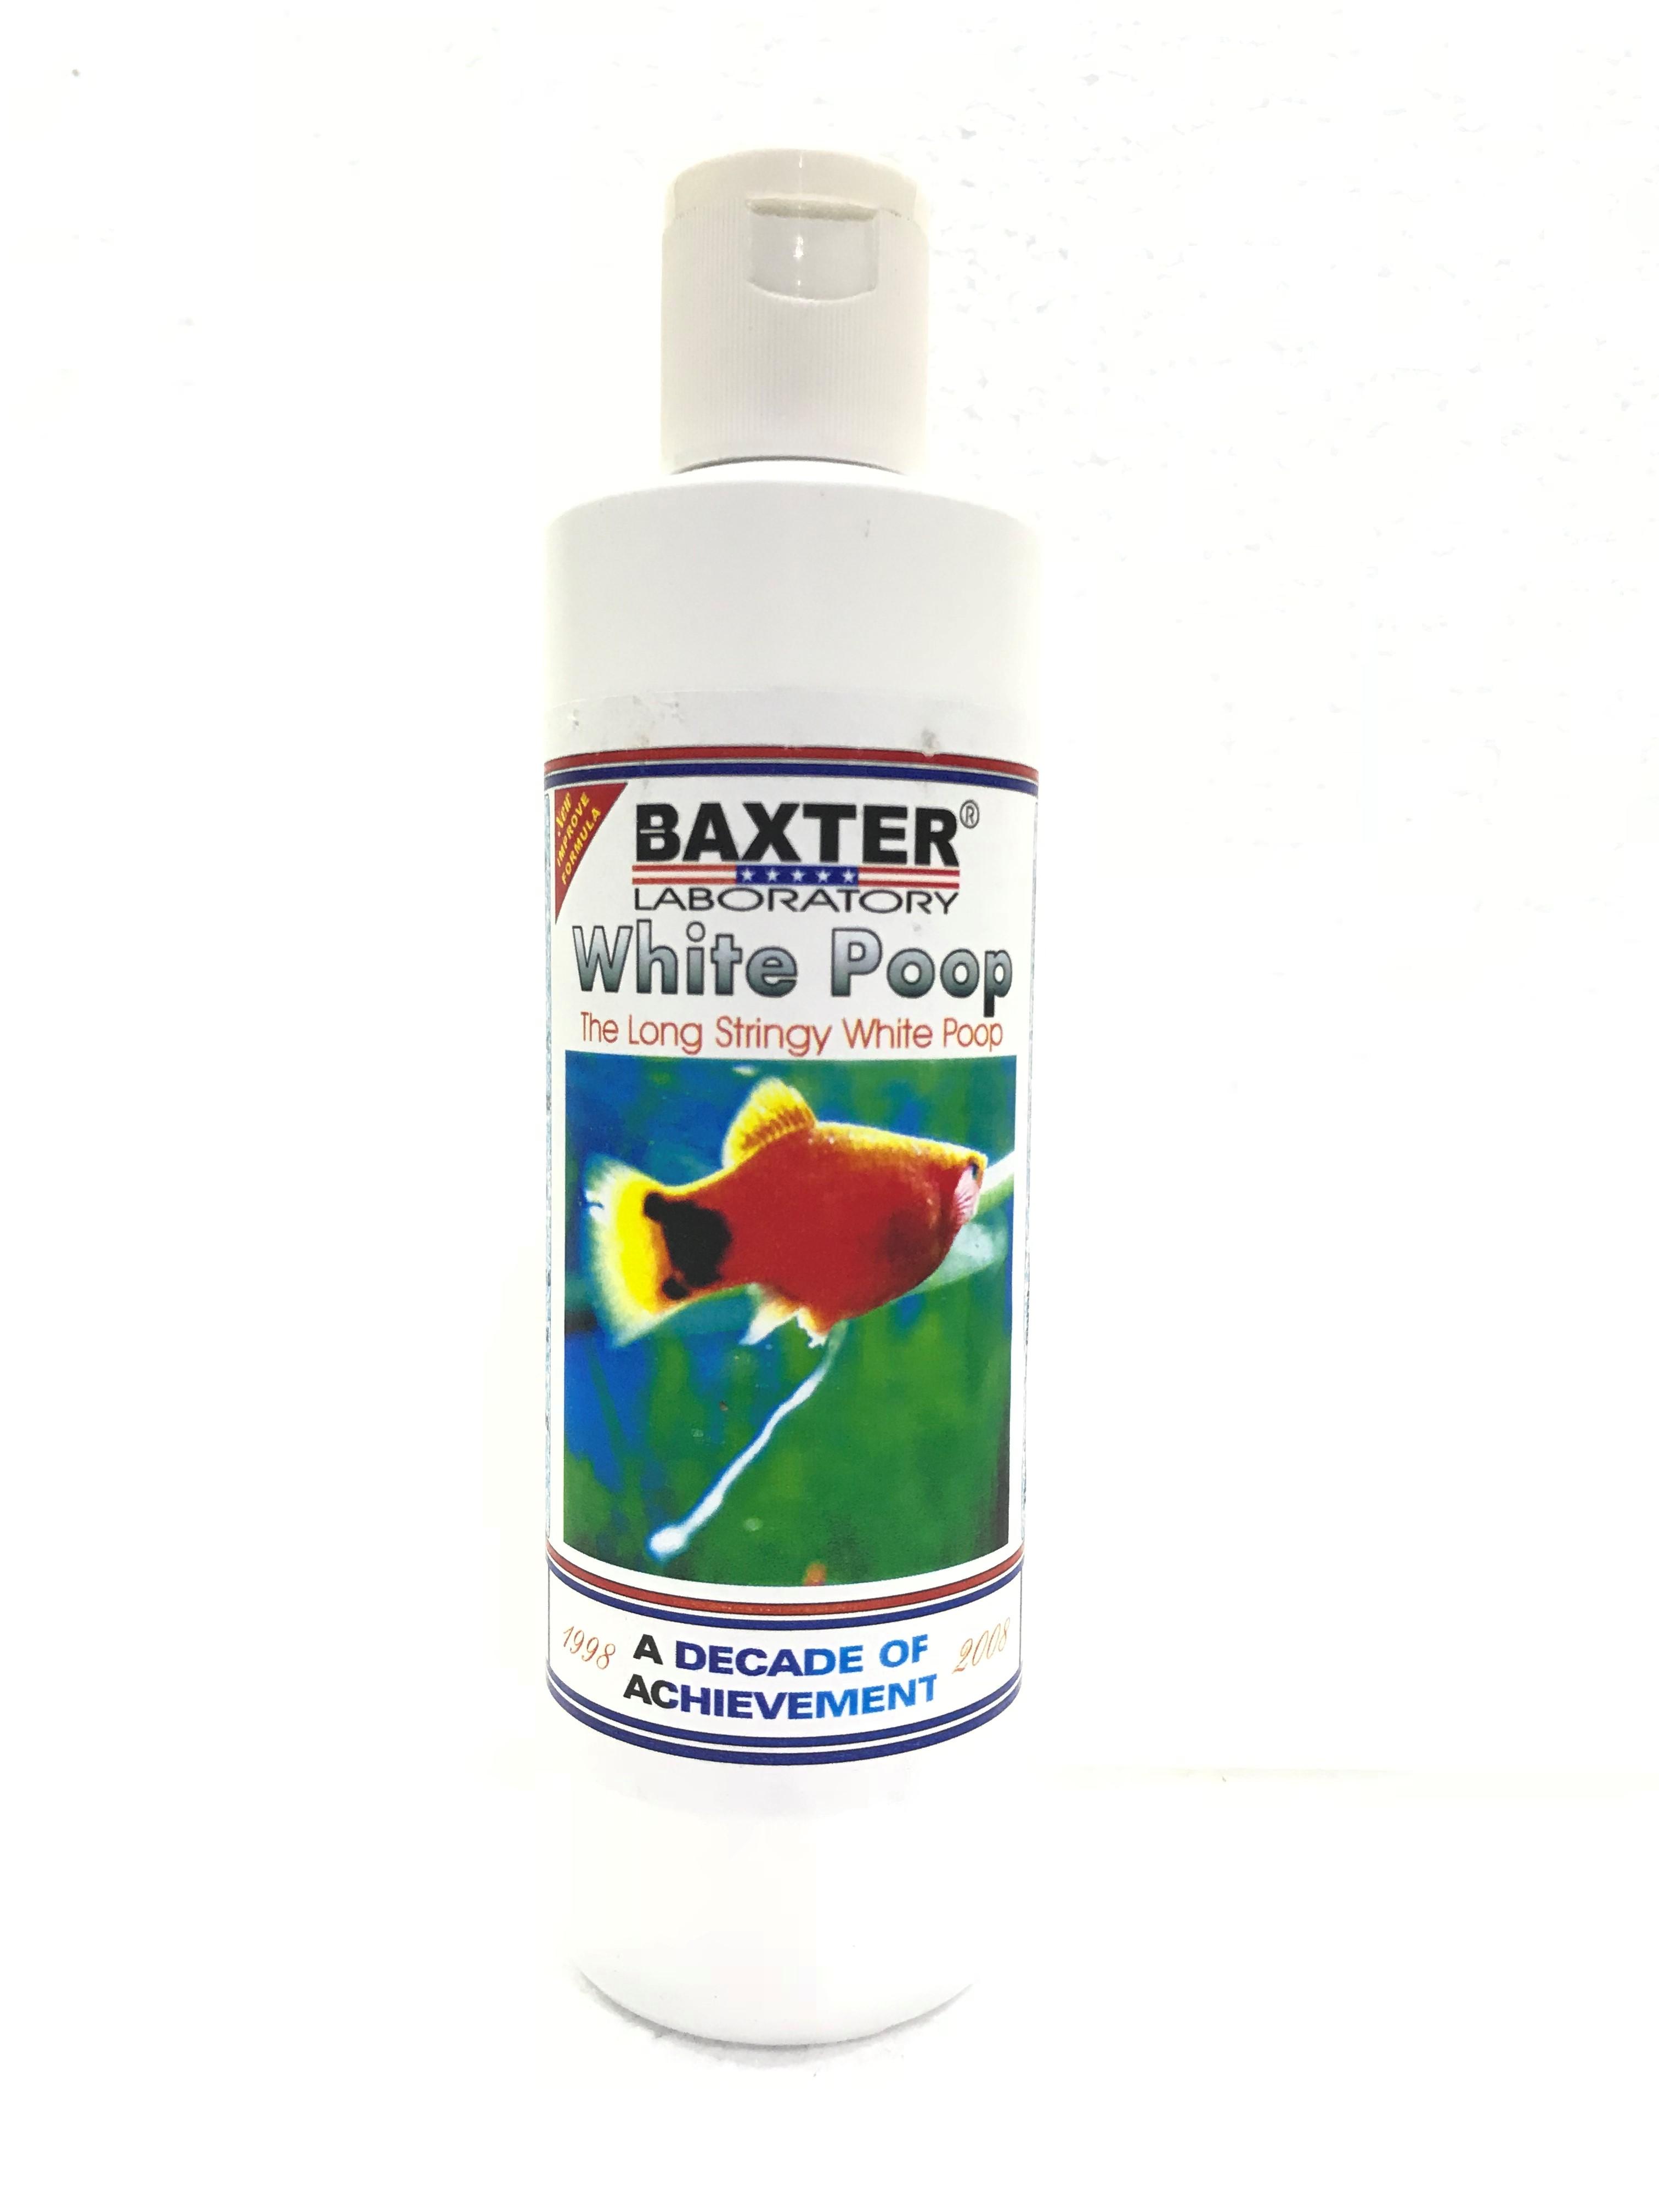 Baxter White Poop